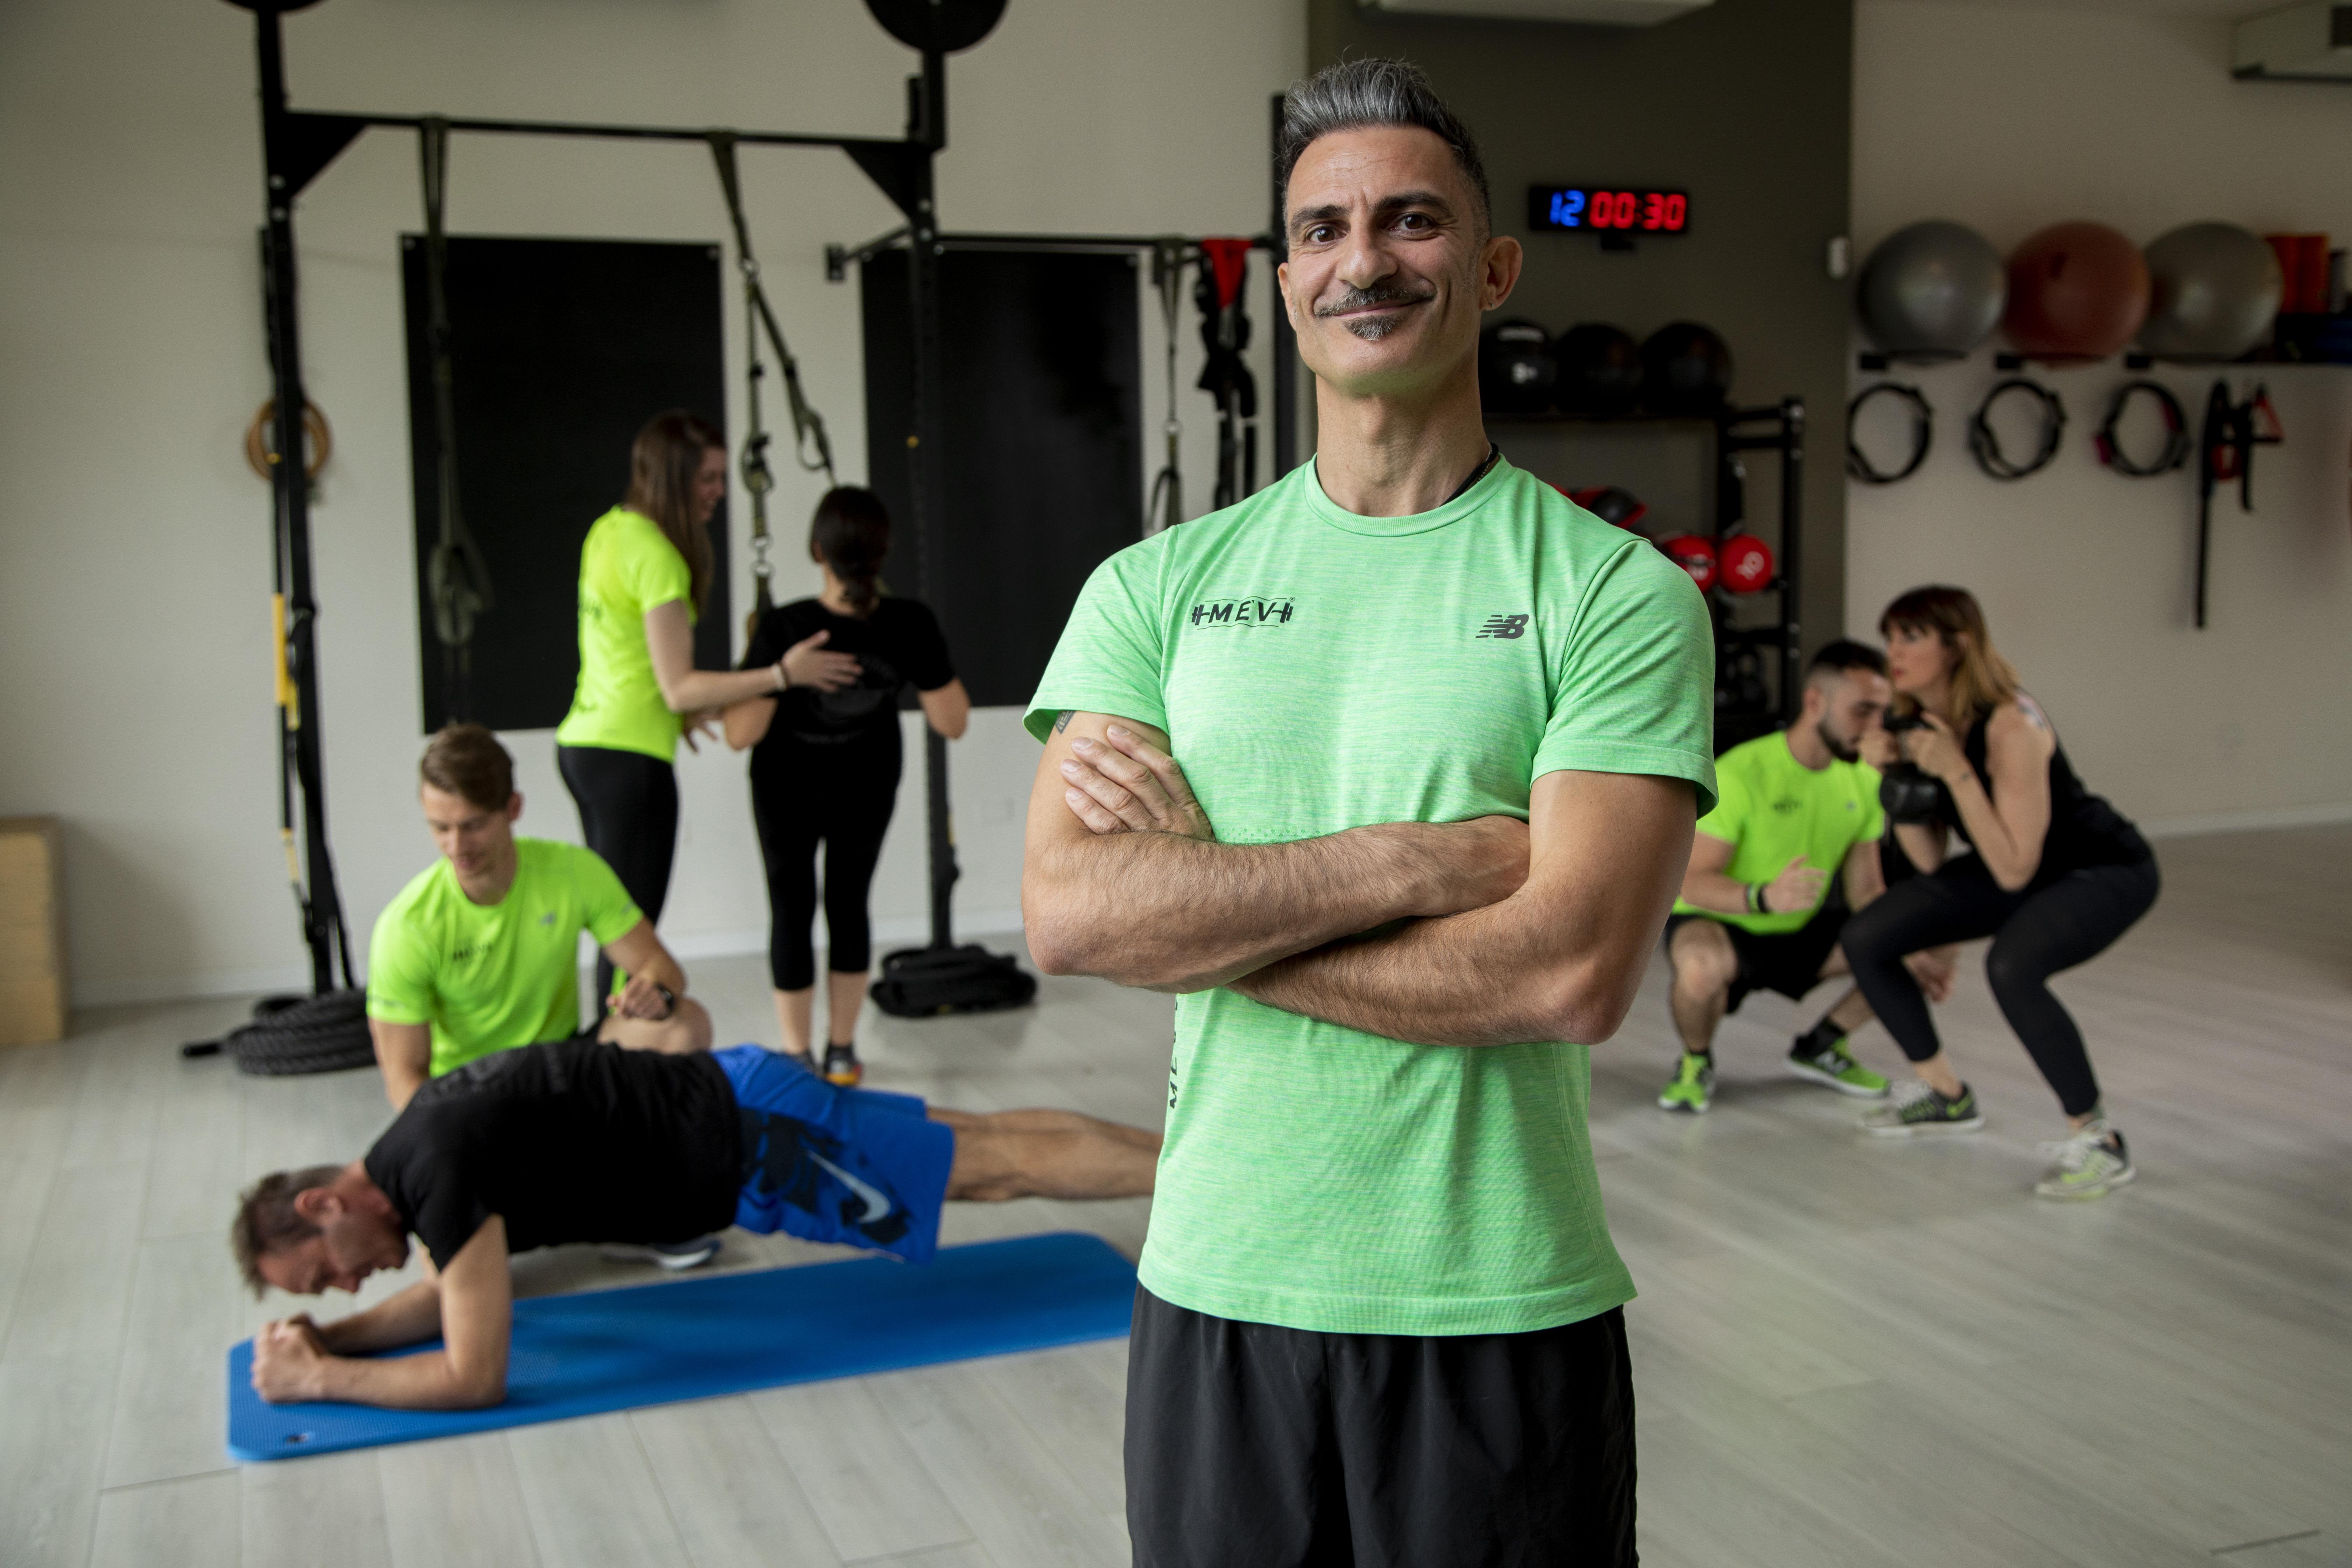 MÈV-Training-RivistaDonna.com